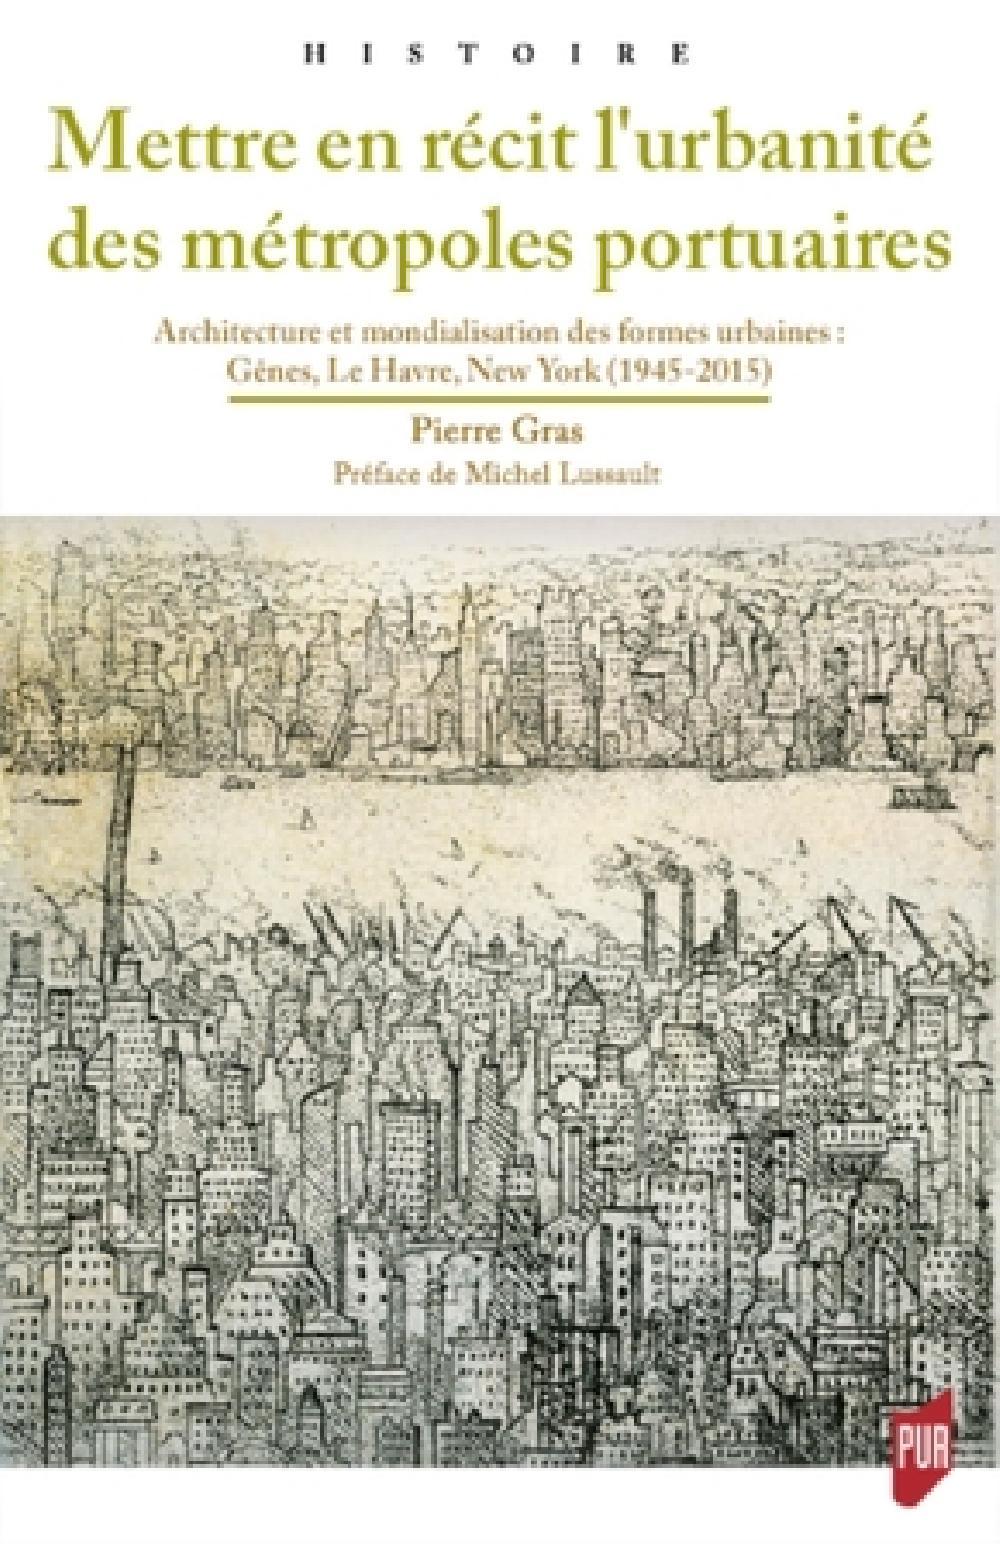 Mettre en récit l'urbanité des métropoles portuaires